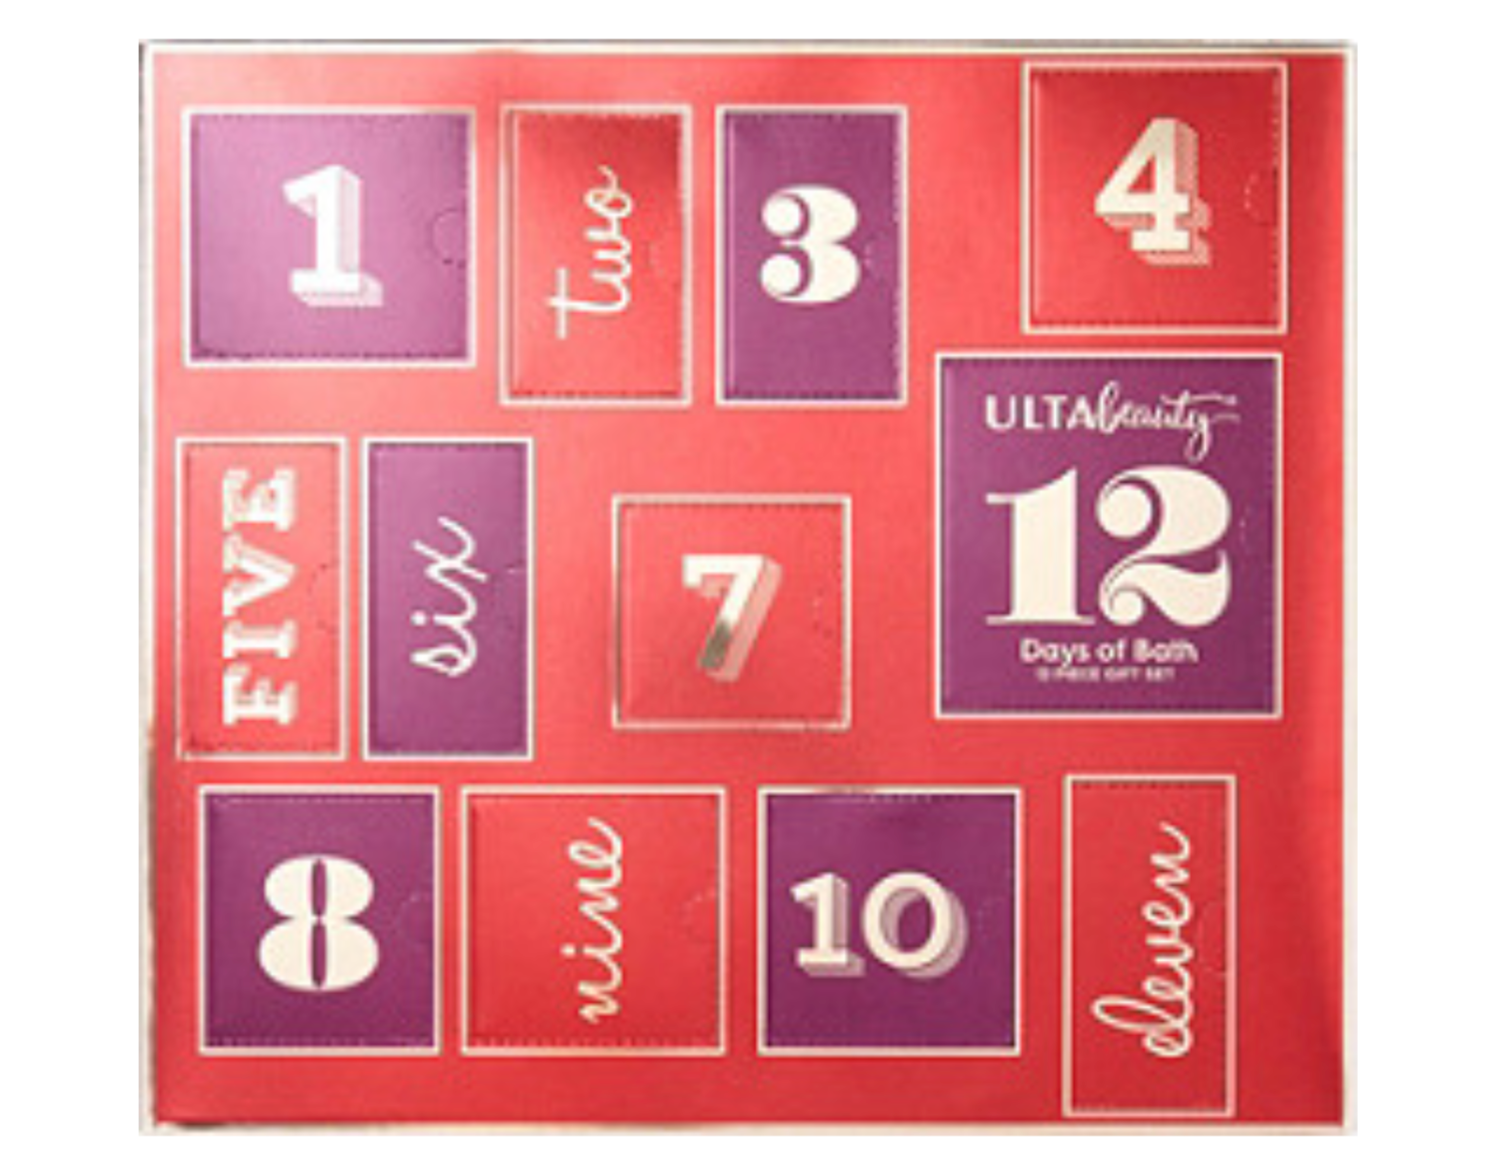 Ulta Bath and Beauty Advent Calendar 2019